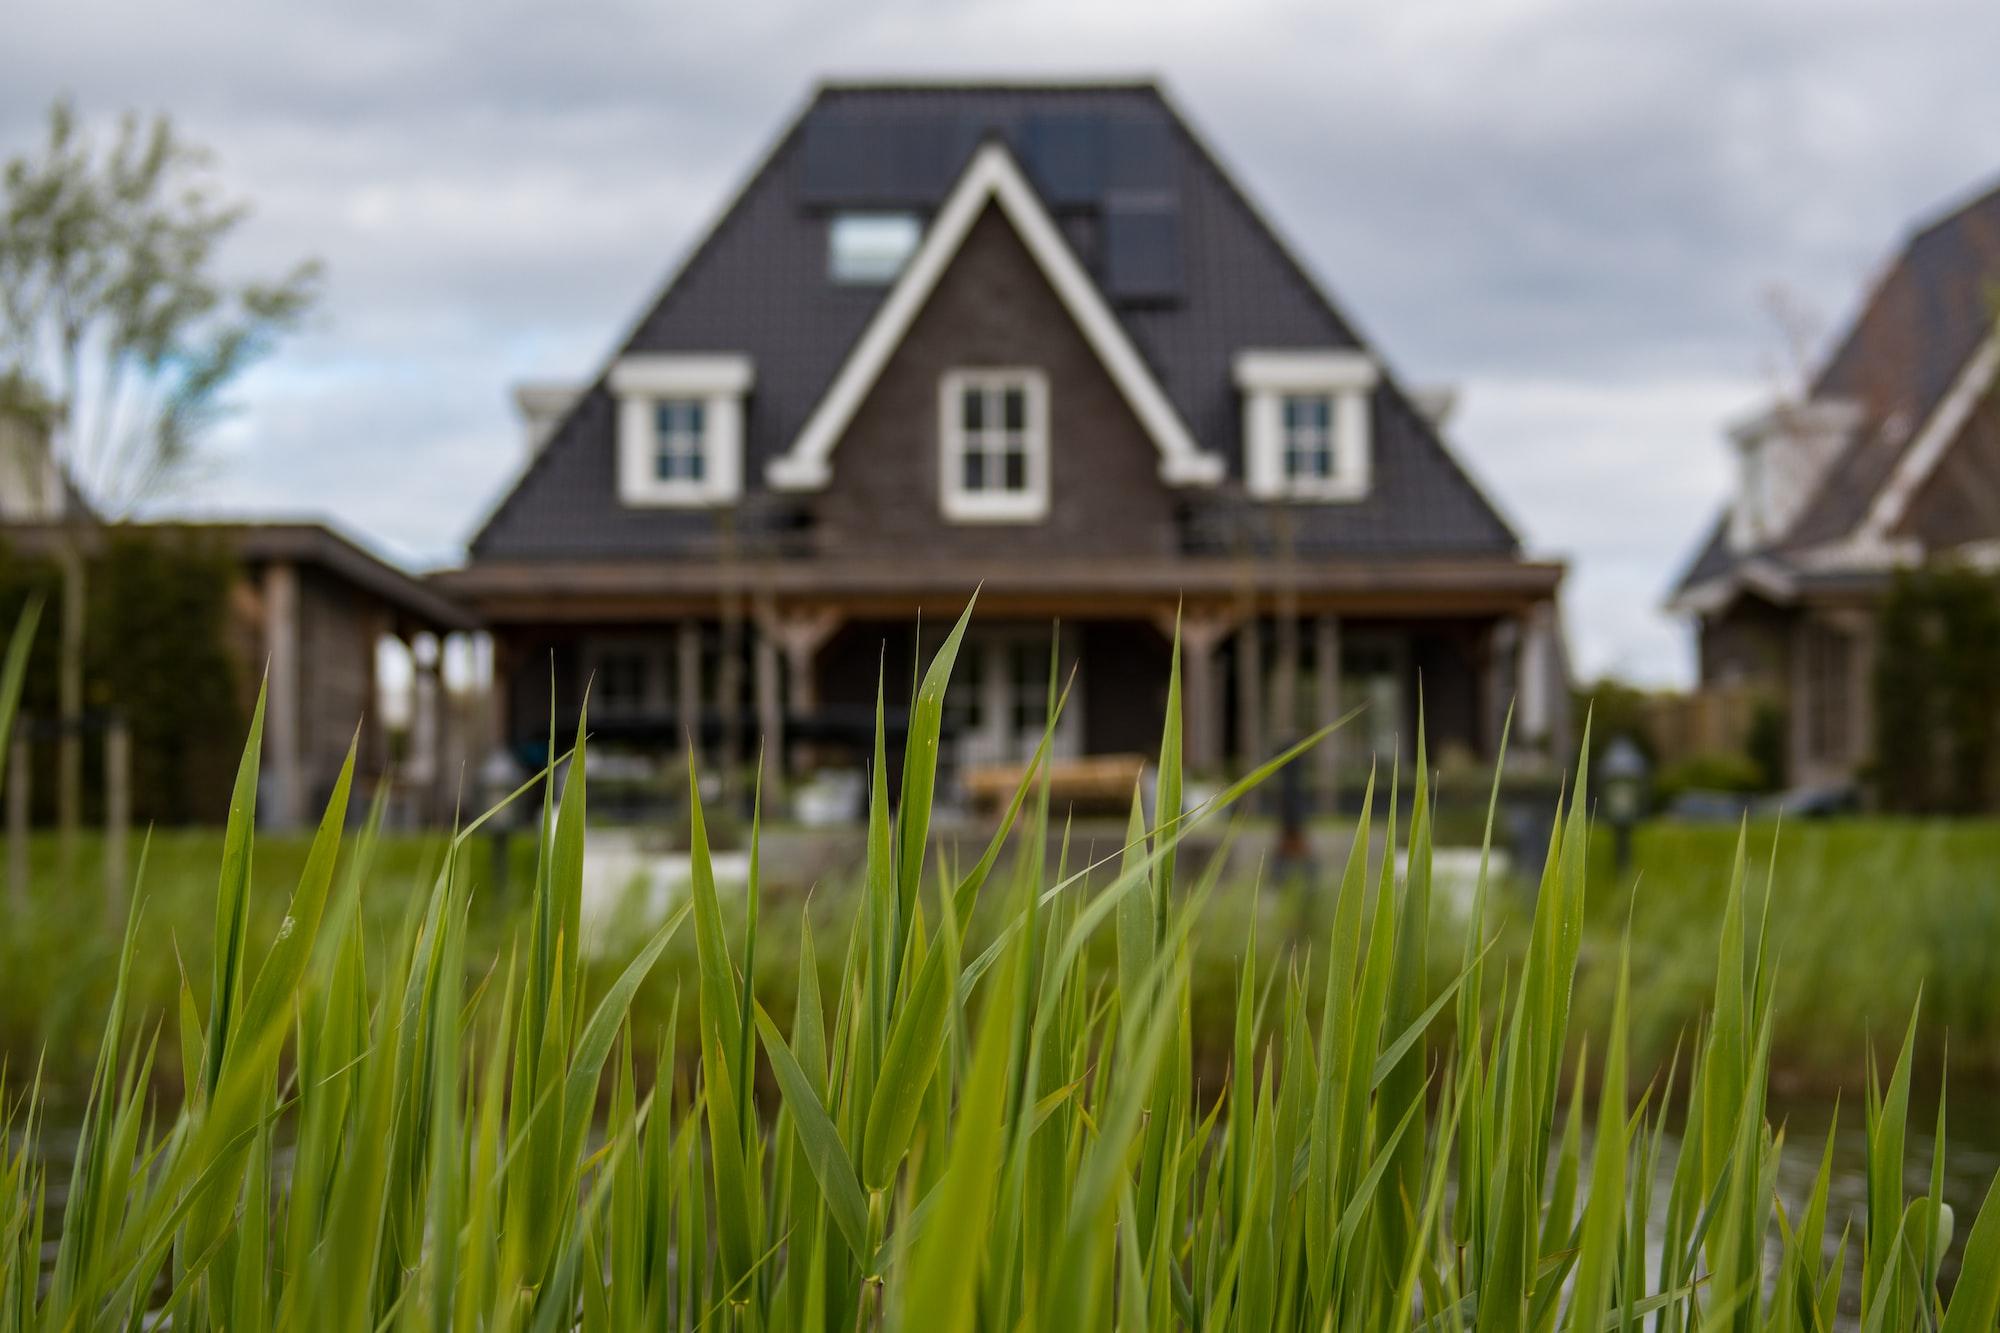 Saisie-immobilière: comment ça fonctionne?